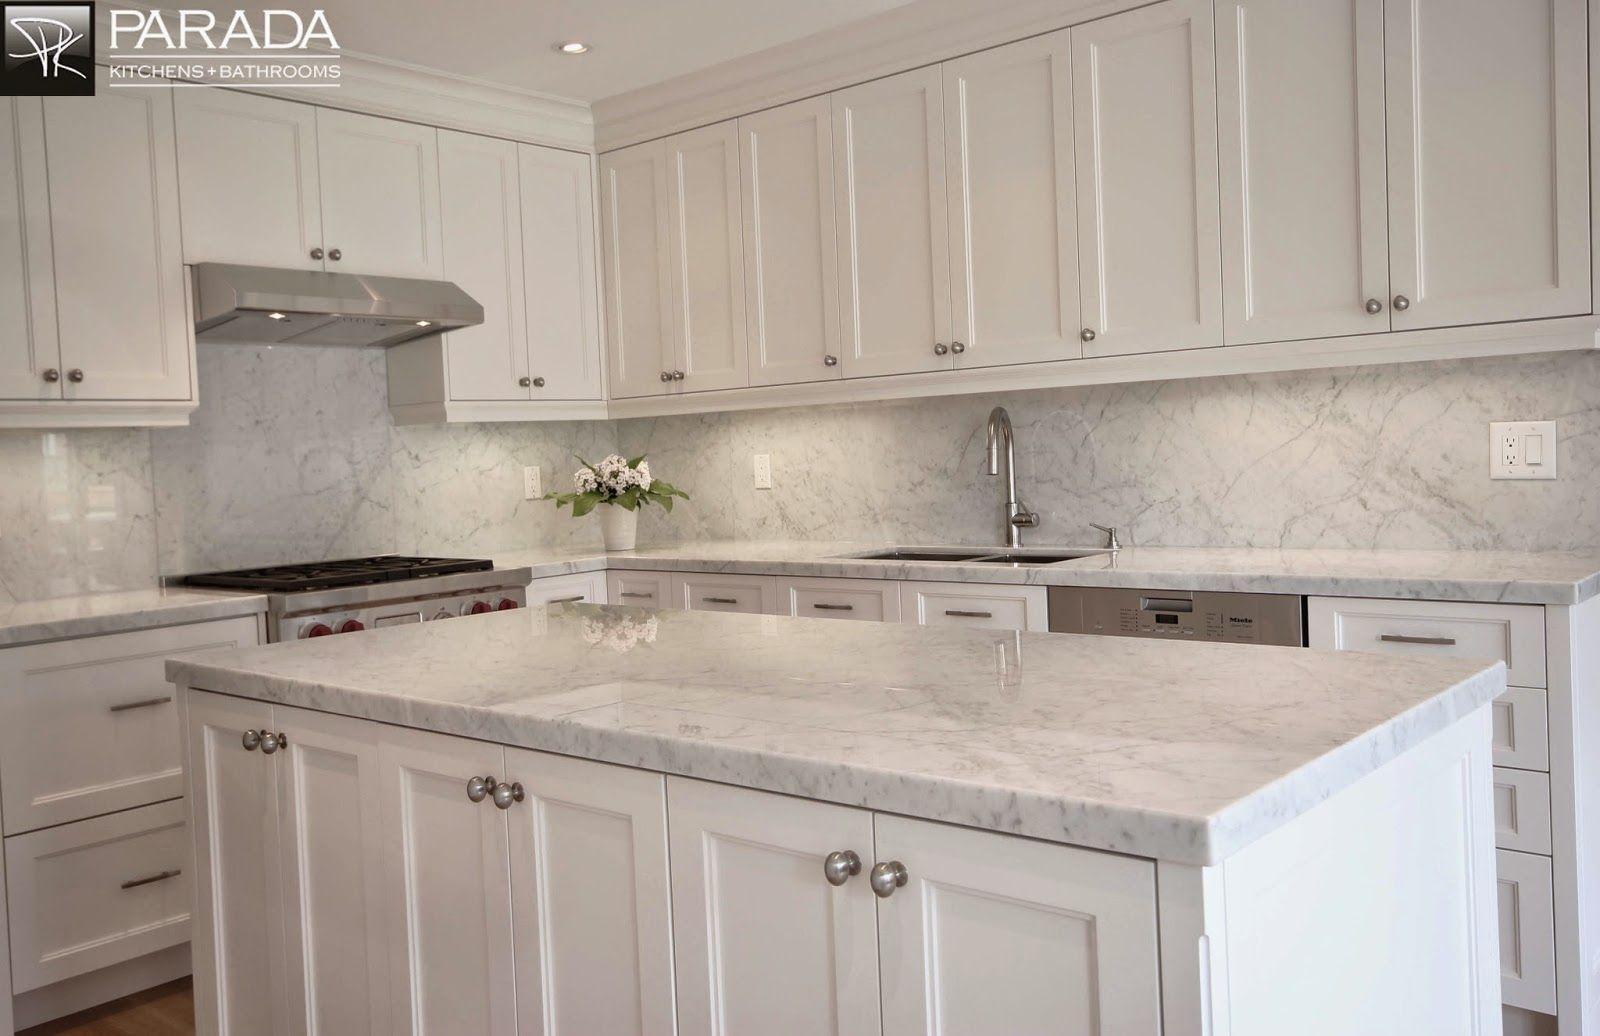 Full Height White Quartz Backsplash Kitchen Remodel Countertops